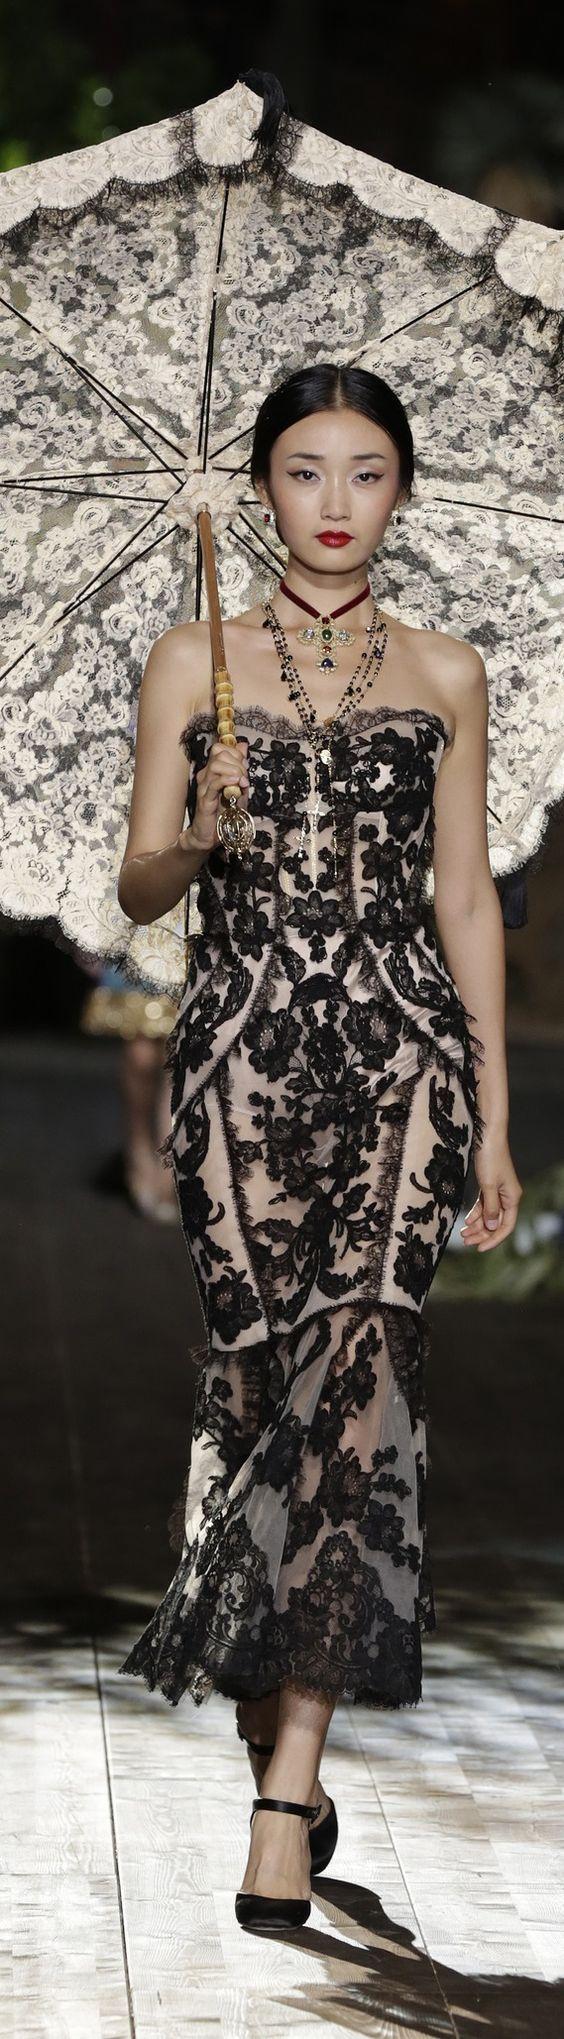 Esoticità ed eleganza, abito di Dolce & Gabbana